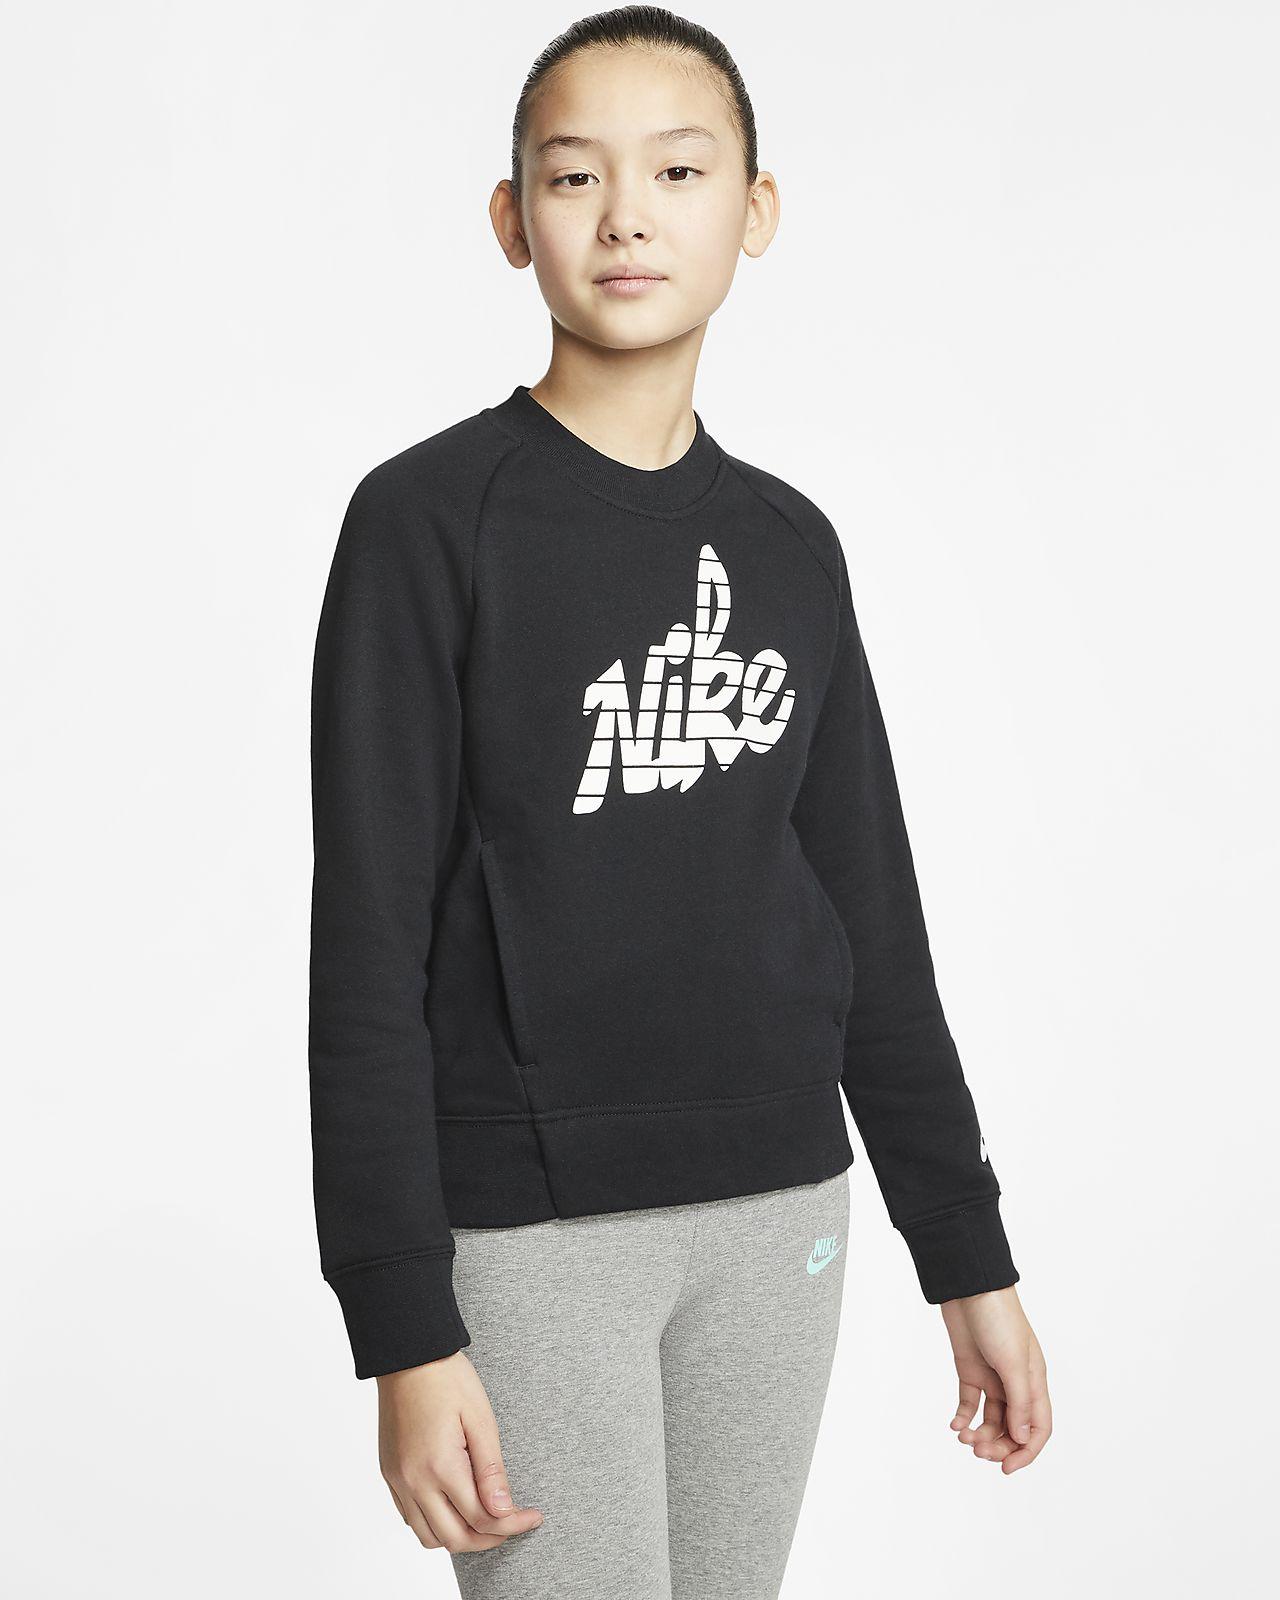 Tröja med rund hals och tryck Nike Sportswear för ungdom (tjejer)